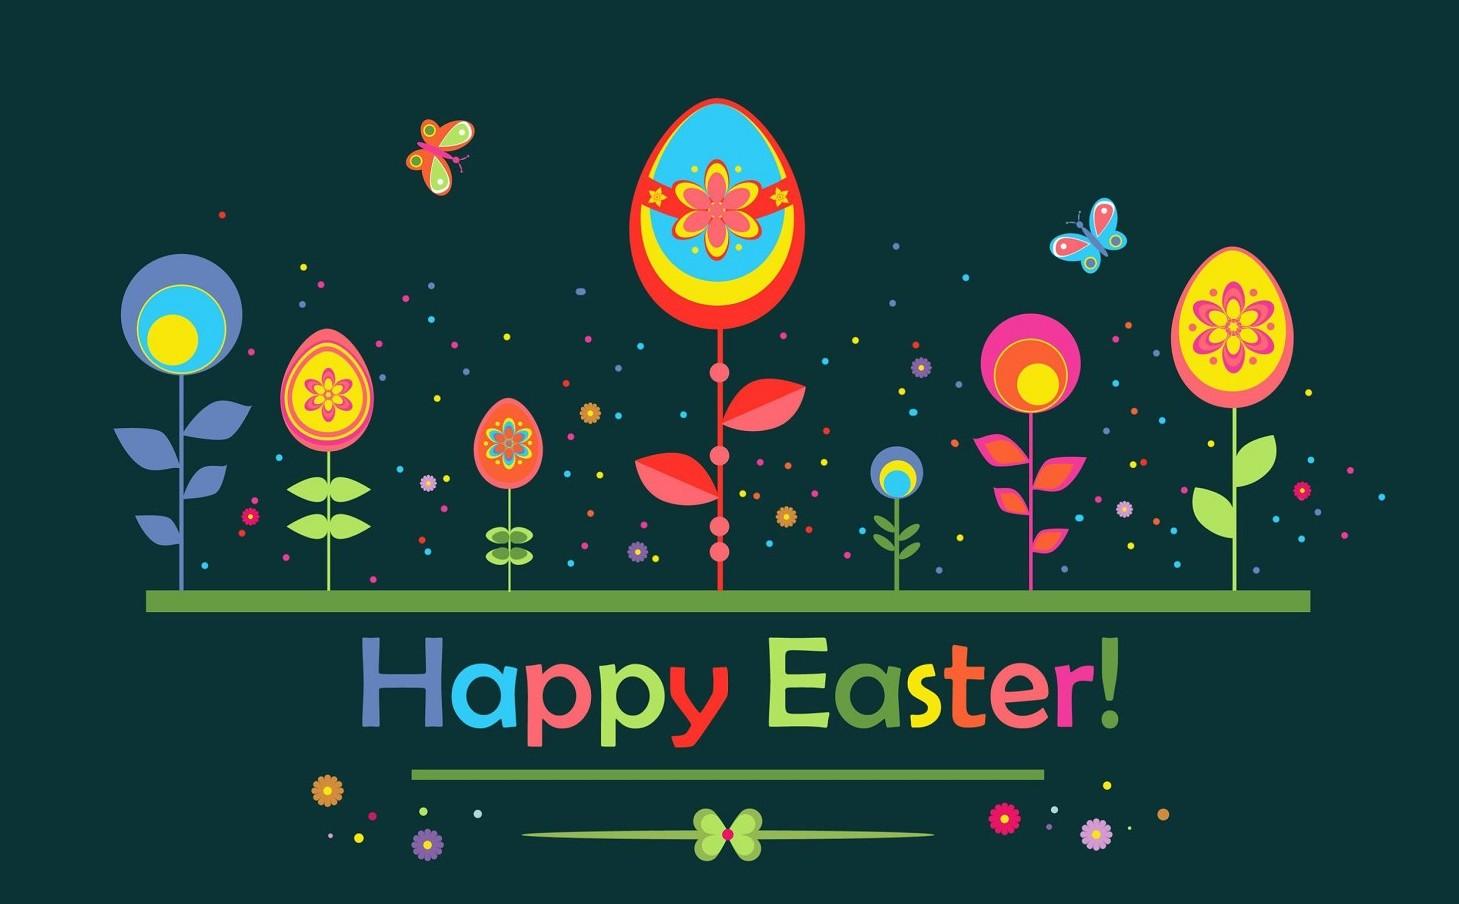 Auguri Buona Pasqua con frasi divertenti